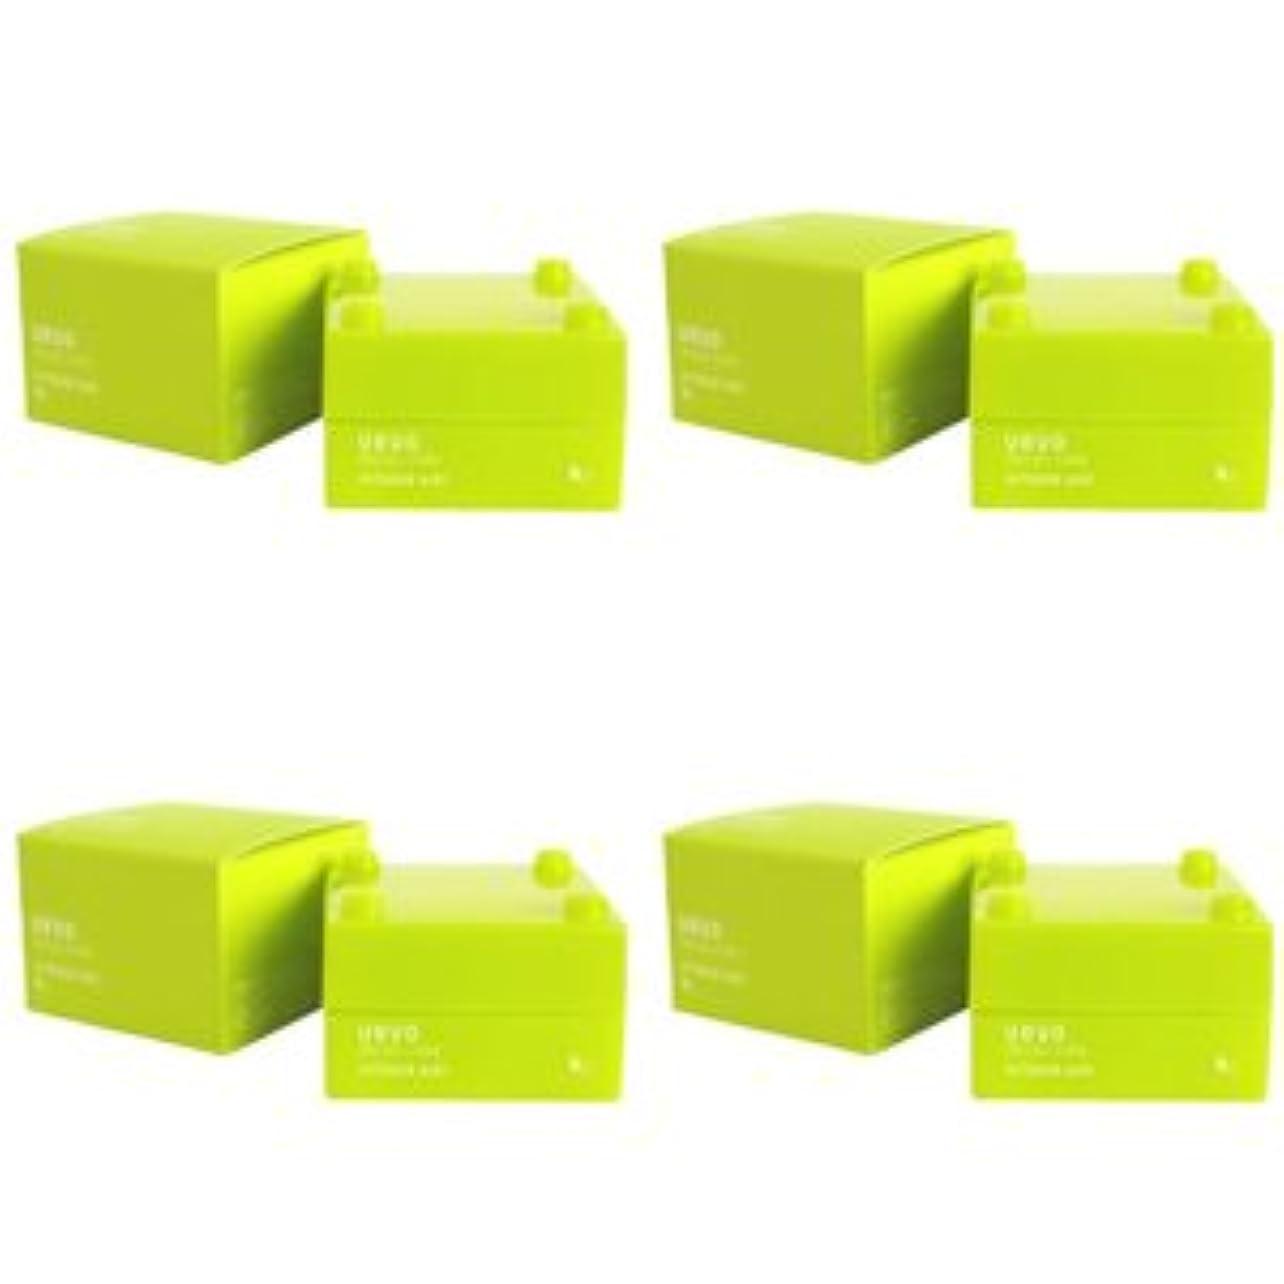 心理的競う望ましい【X4個セット】 デミ ウェーボ デザインキューブ エアルーズワックス 30g airloose wax DEMI uevo design cube